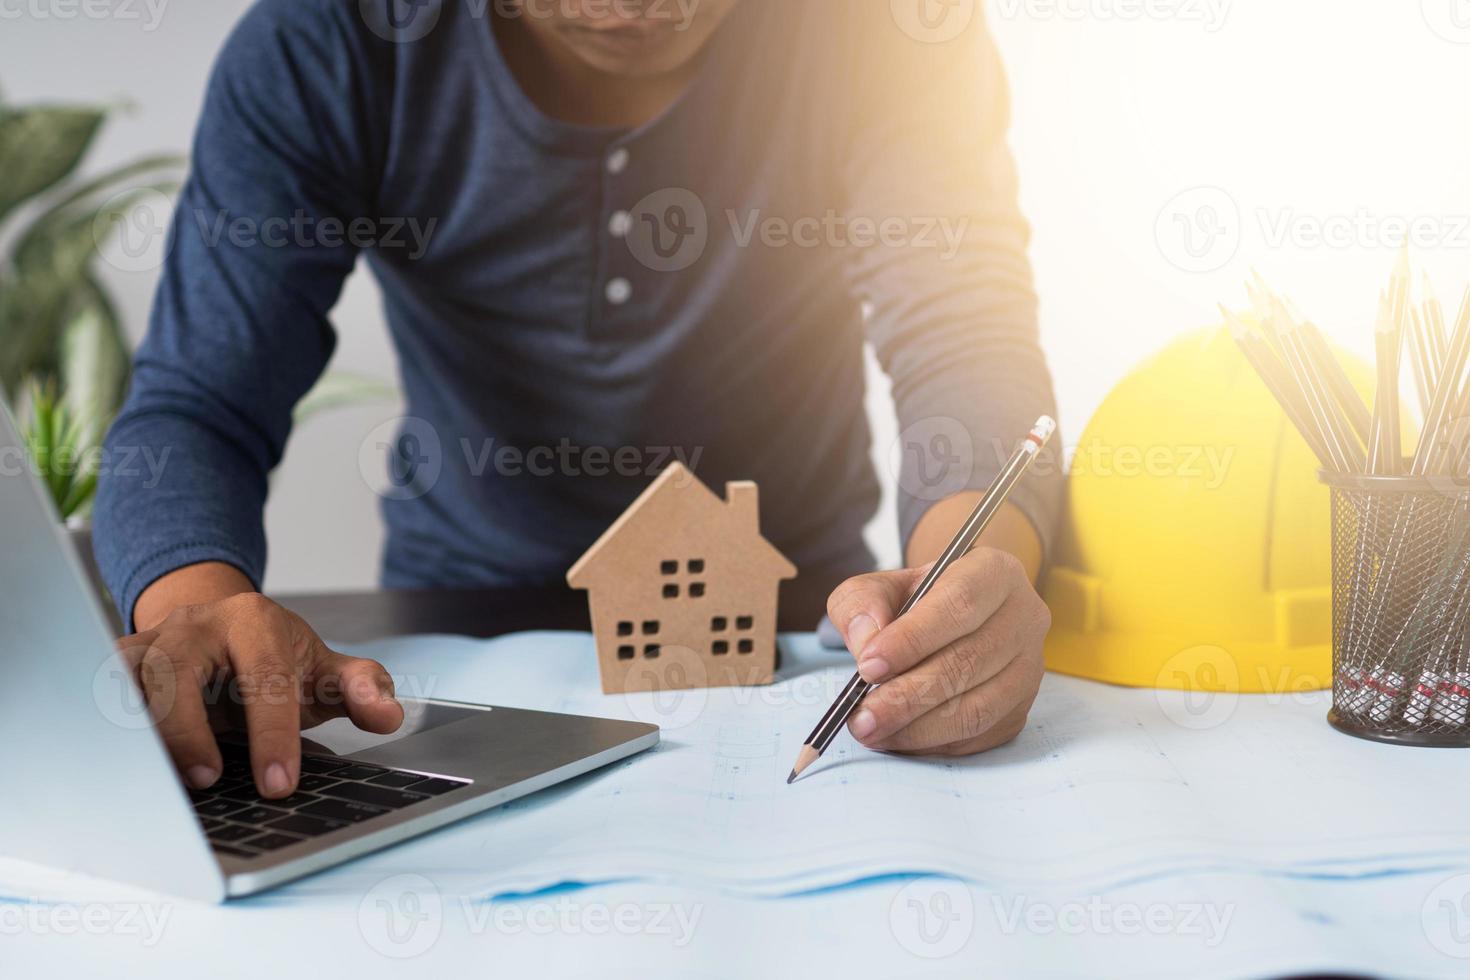 arquiteto trabalhando em um projeto ao lado do laptop, capacete, lápis e modelo de casa foto